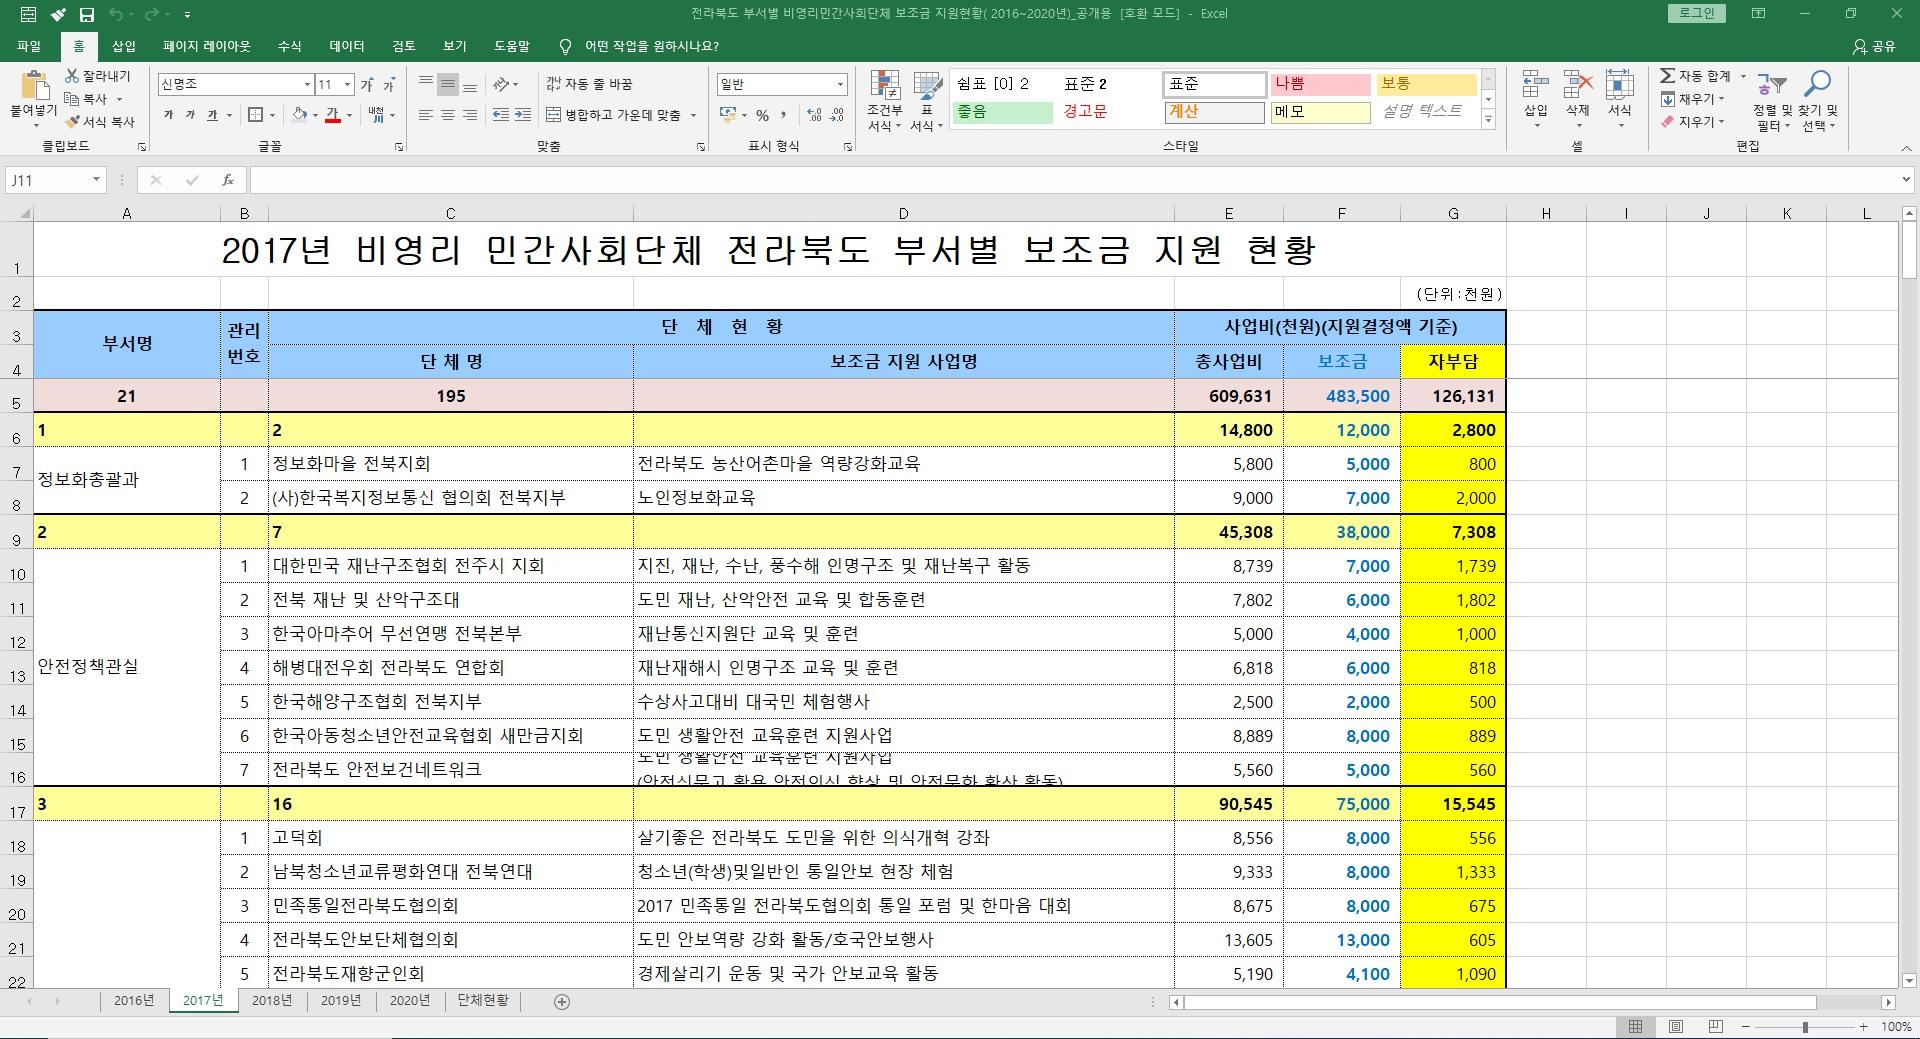 8.28_2017년 전북도 부서별 민간사회단체 보조금 지원현황.jpg